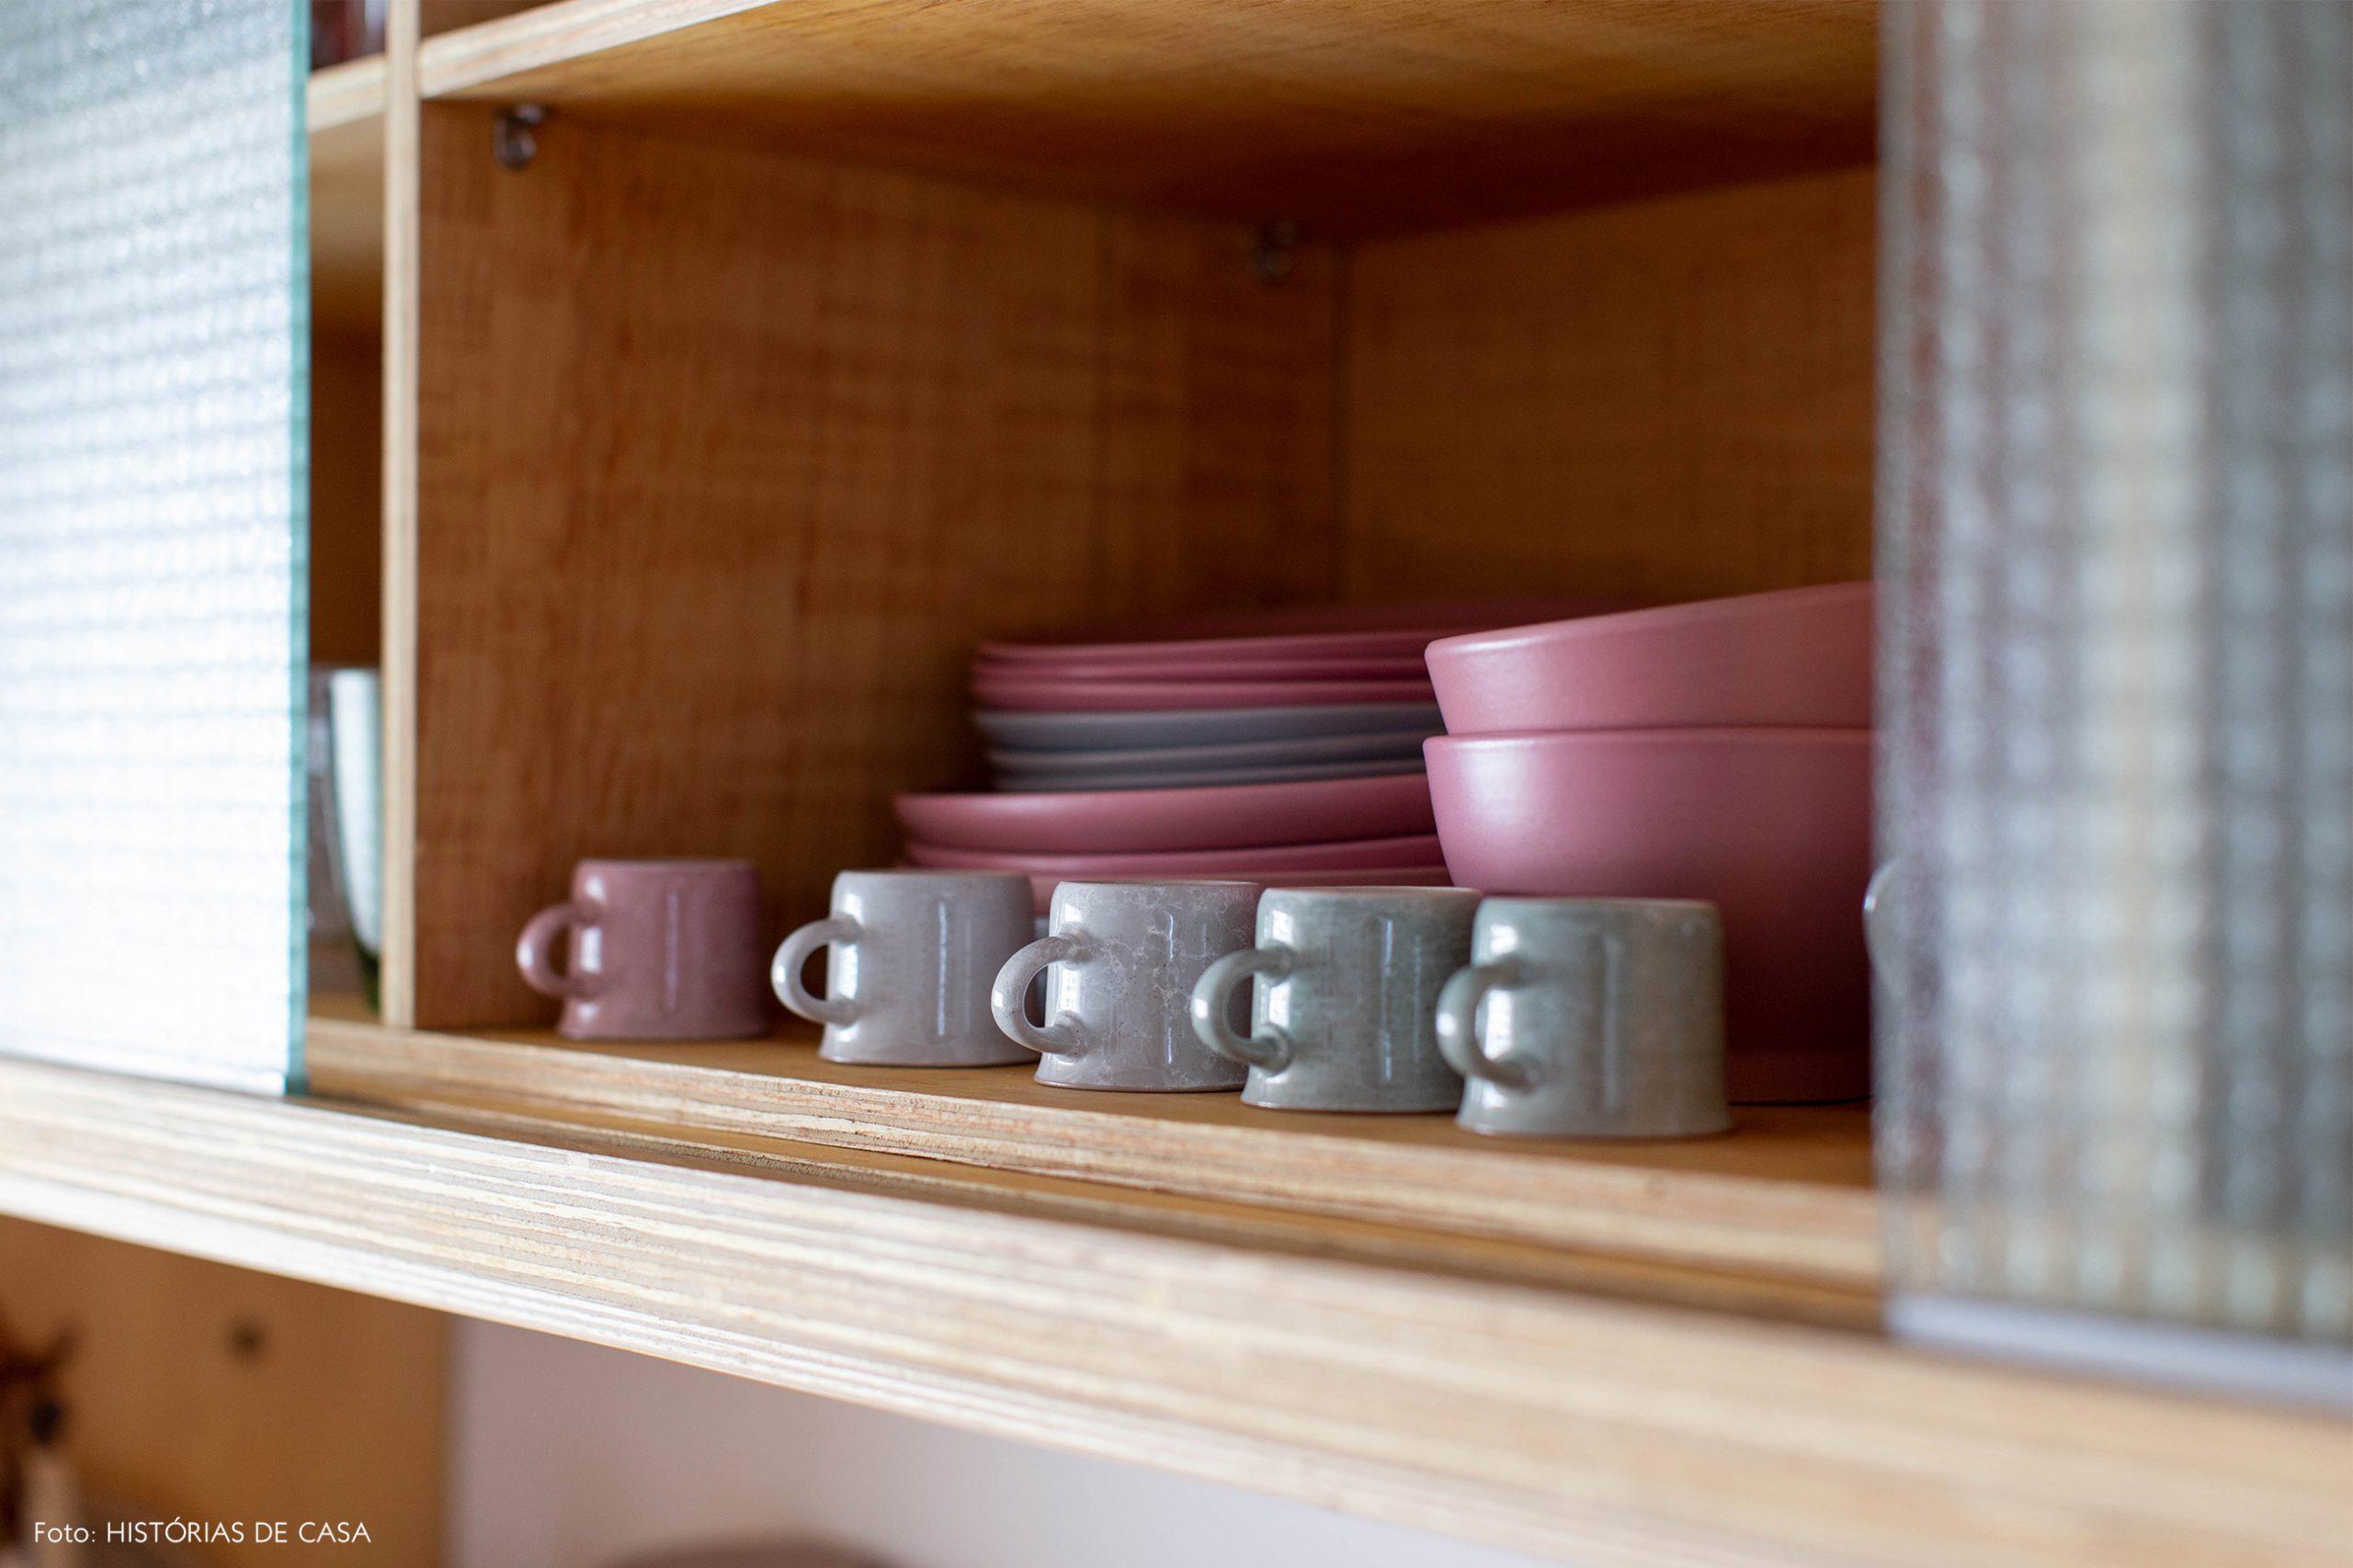 decoração cozinha canecas e pratos em armario de madeira